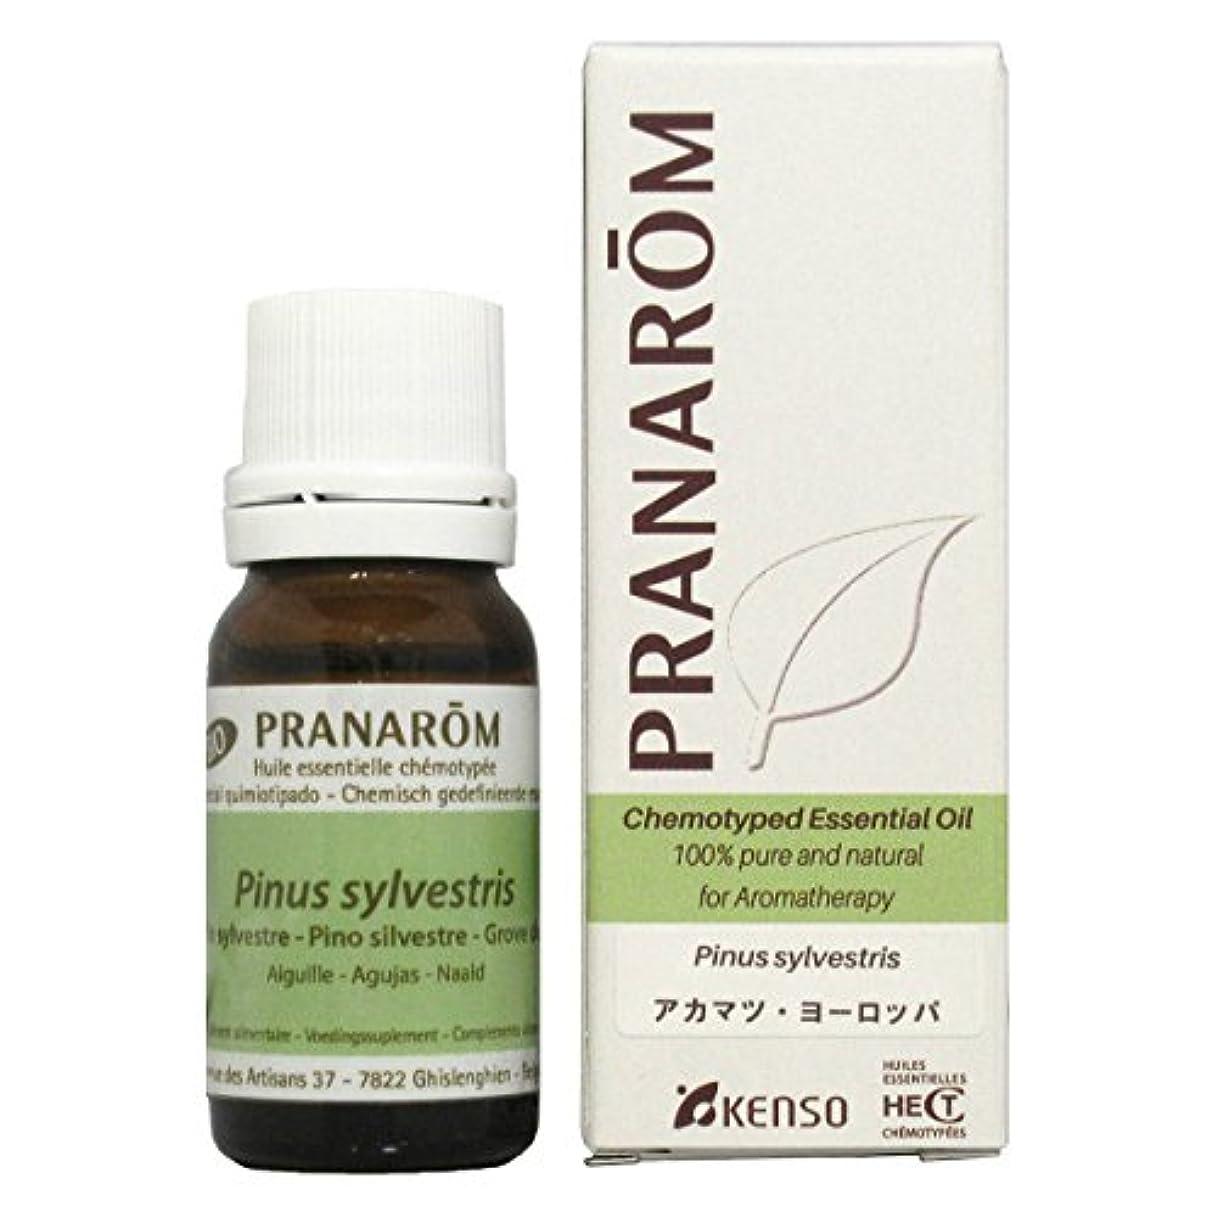 専門知識マトン契約するプラナロム アカマツヨーロッパ 10ml (PRANAROM ケモタイプ精油)